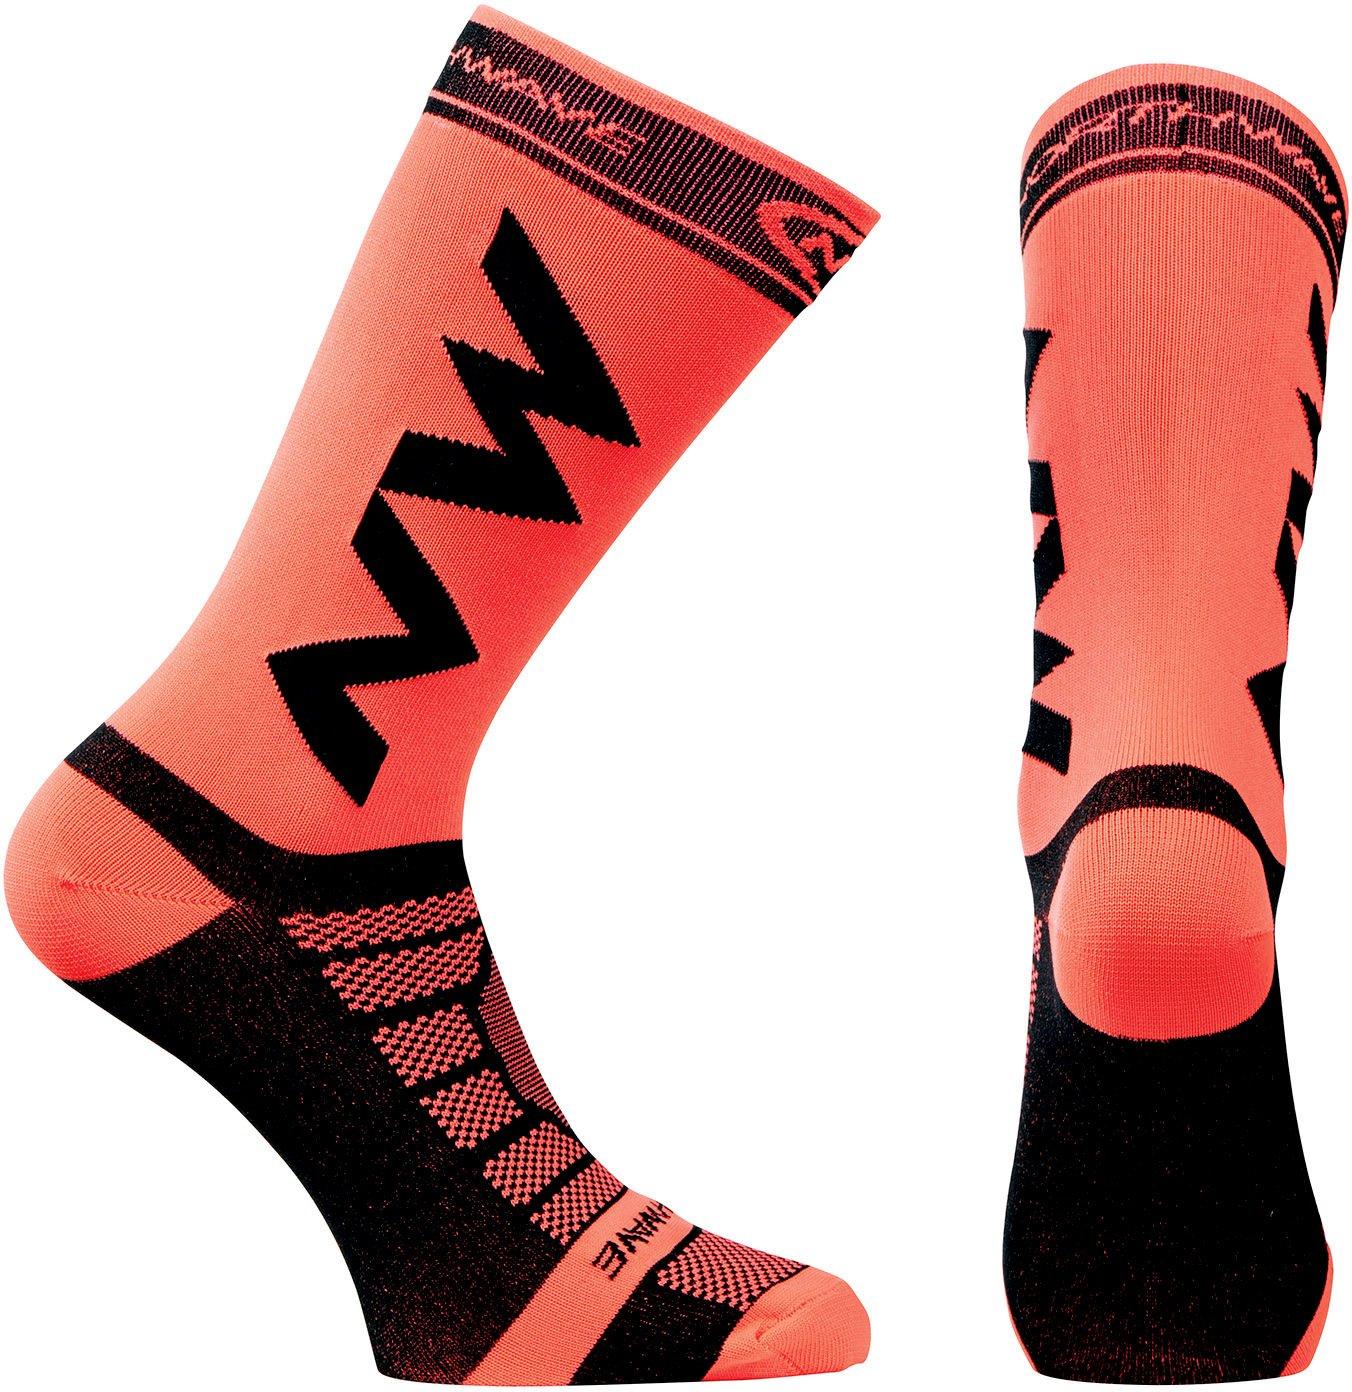 Northwave Extreme Pro Fahrrad Socken orange//schwarz 2019